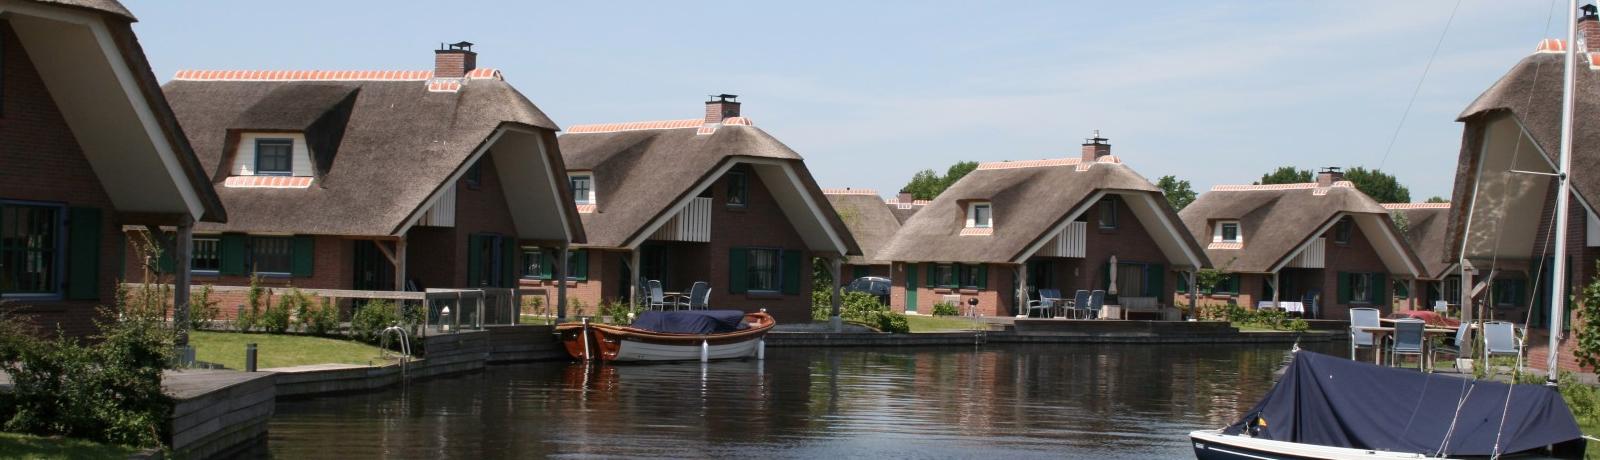 Supertrips - Waterpark Belterwiede